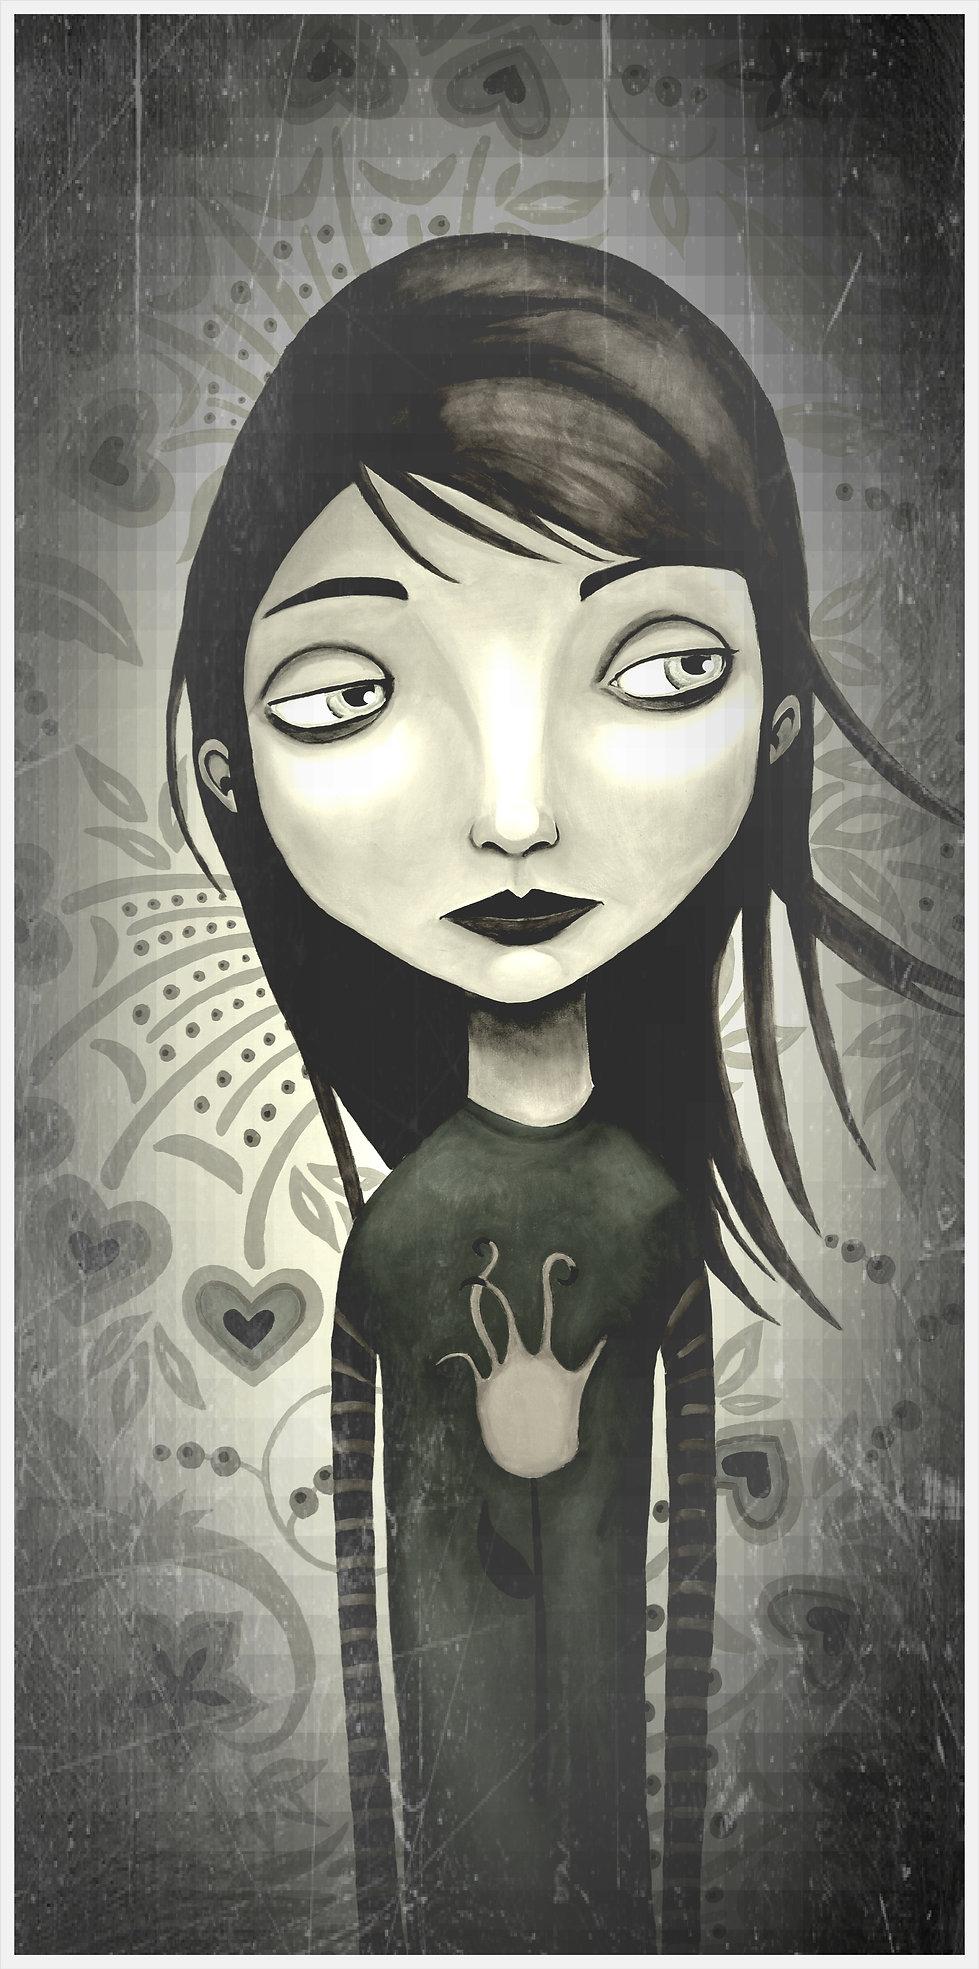 wall of hearts 1.jpg